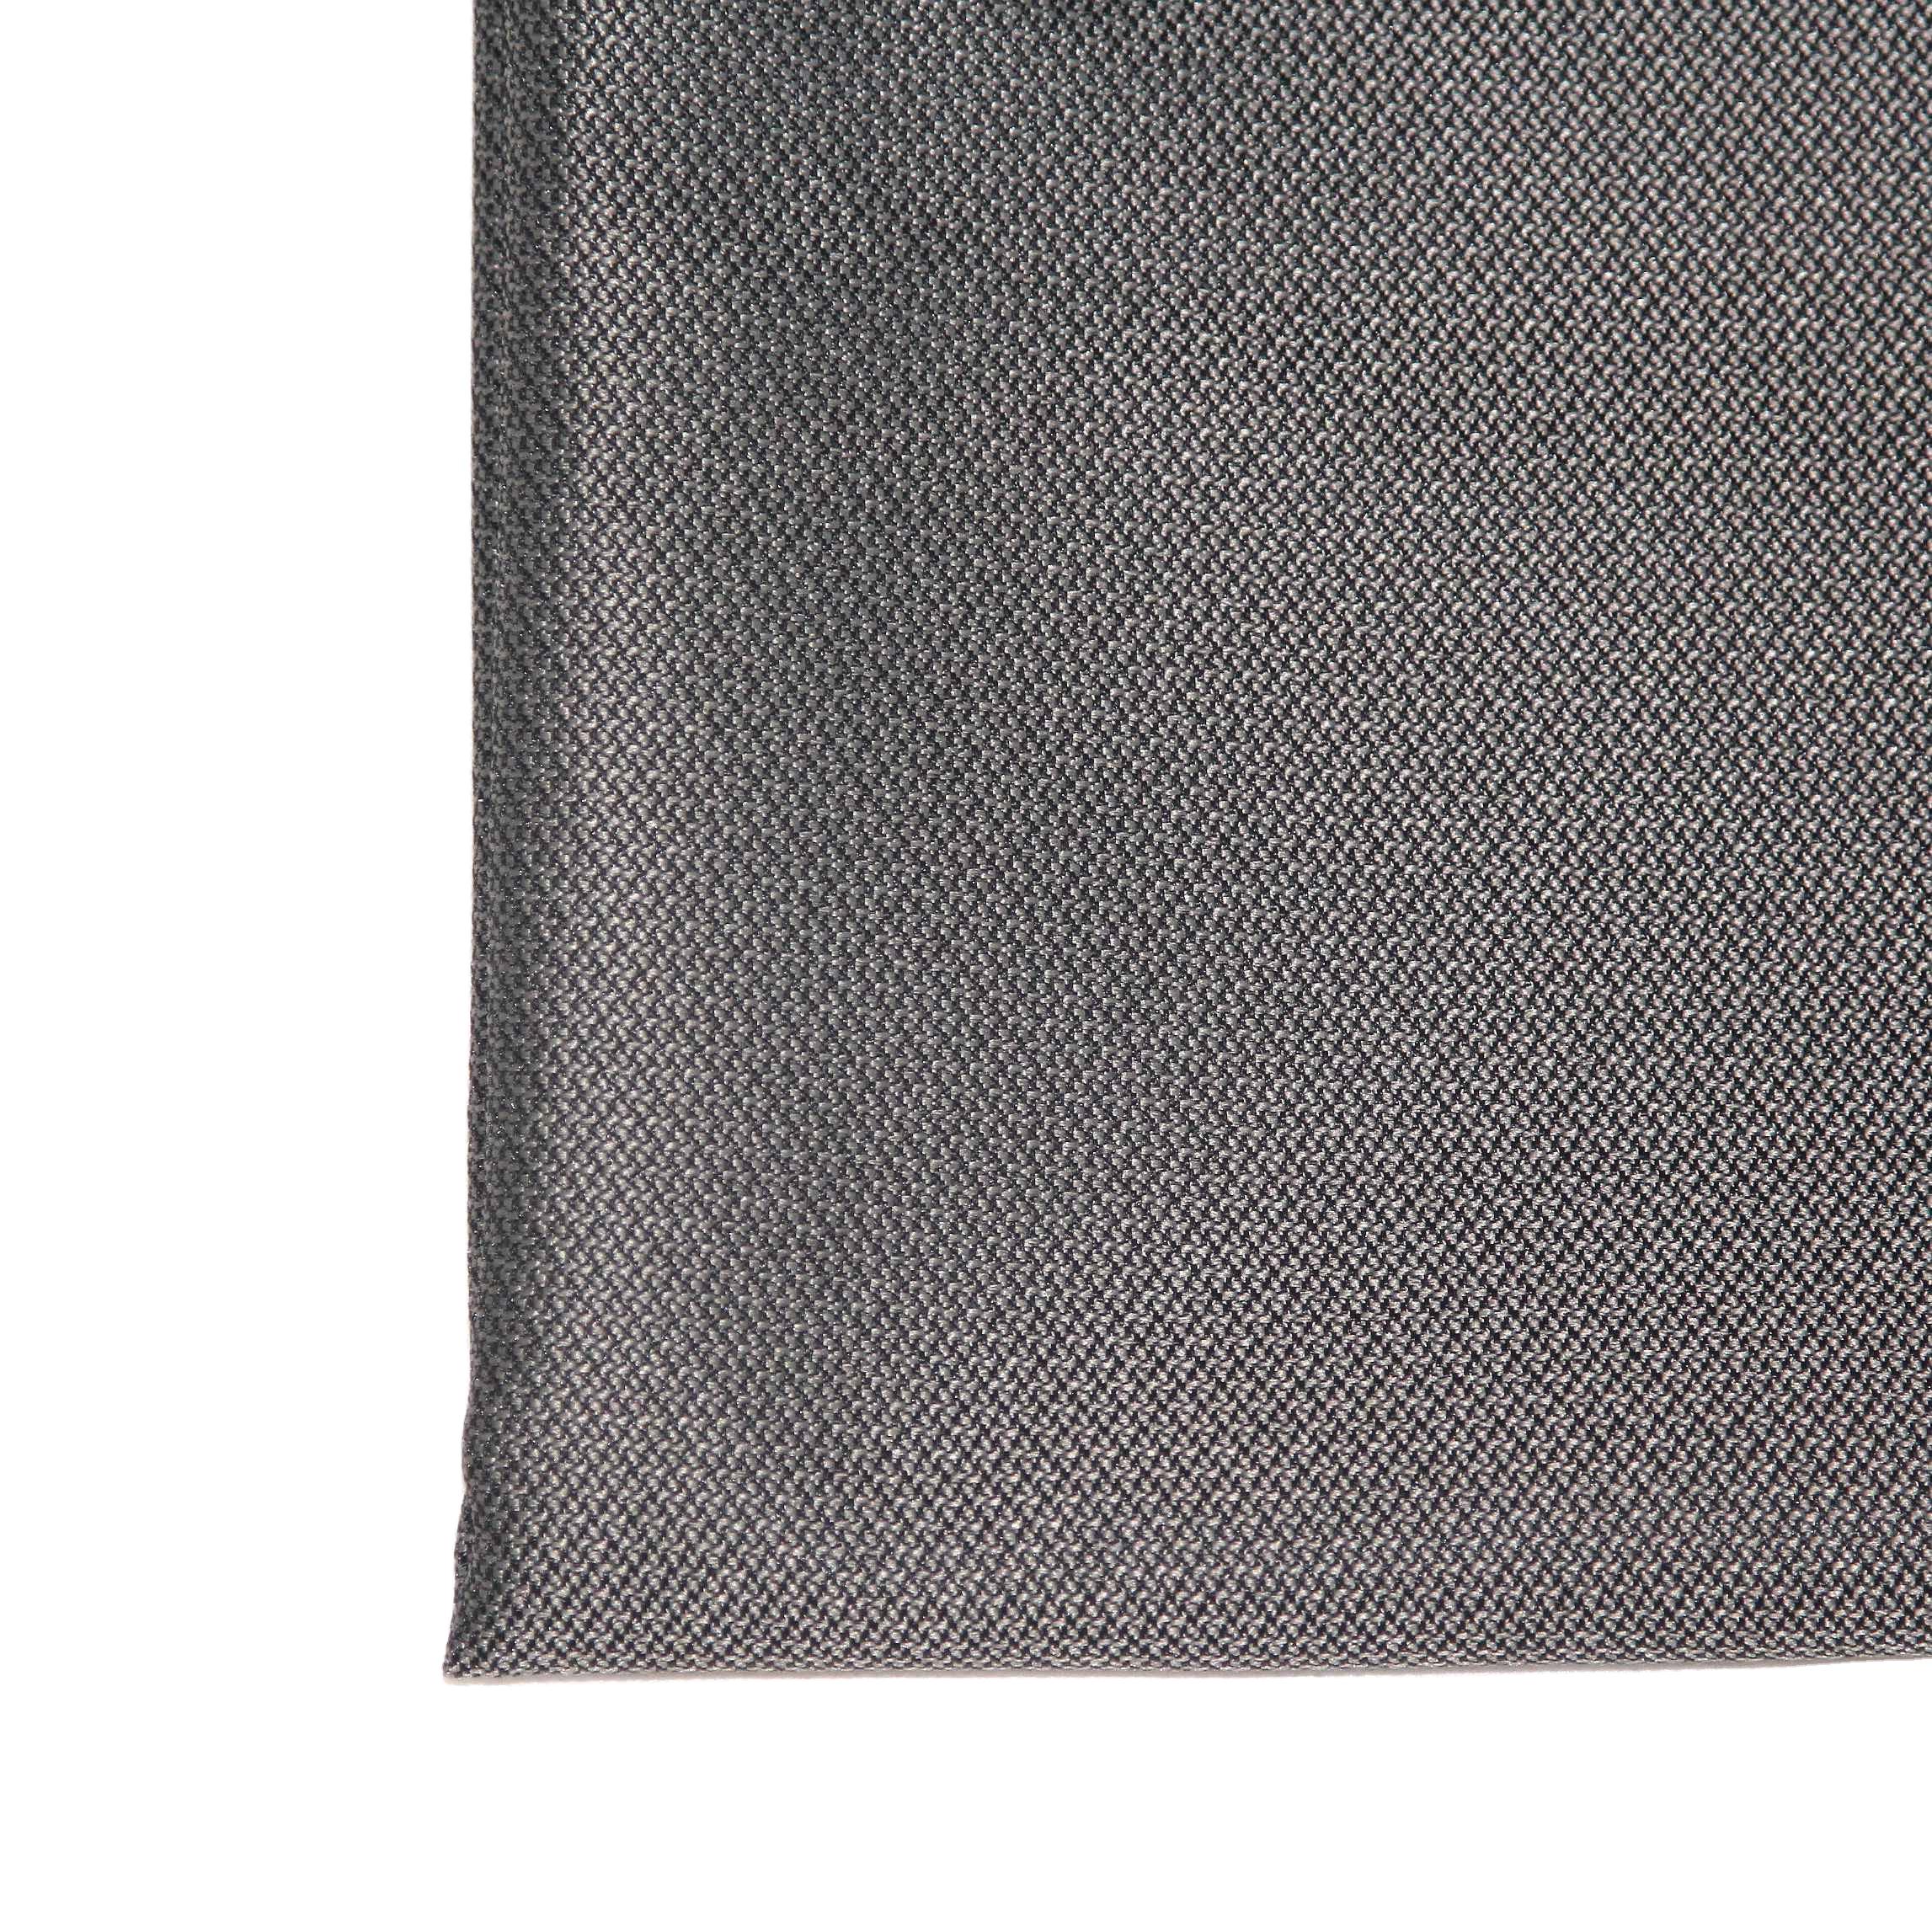 Новейший дизайн, ткань для обивки автомобиля, ткань для сиденья автомобиля